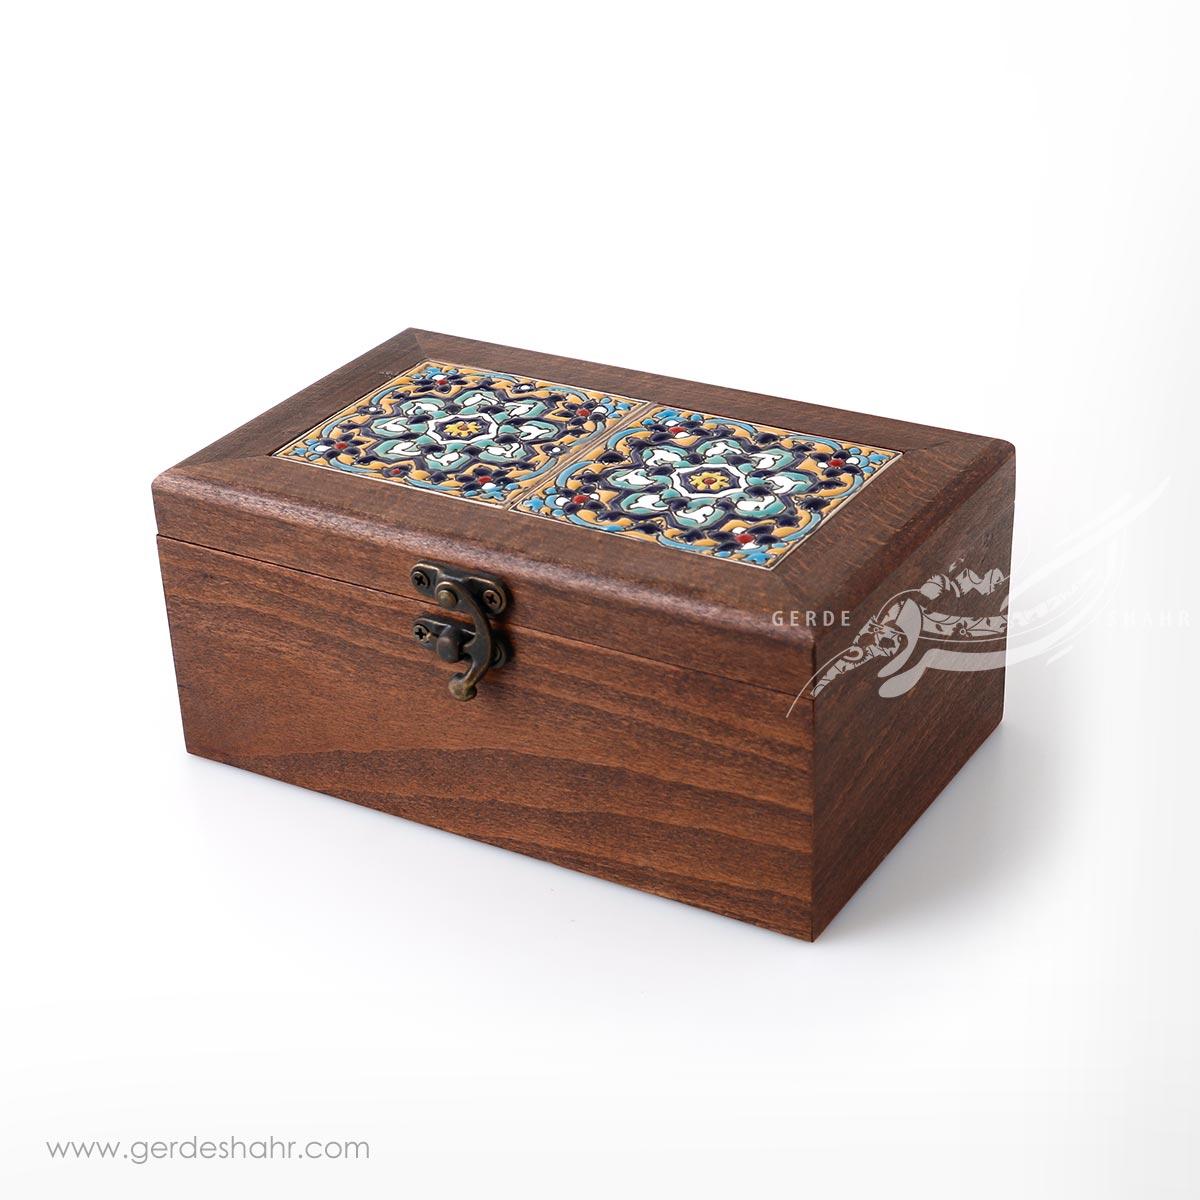 جعبه چوبی کاشی طرح 6 کیمیاگر محصولات